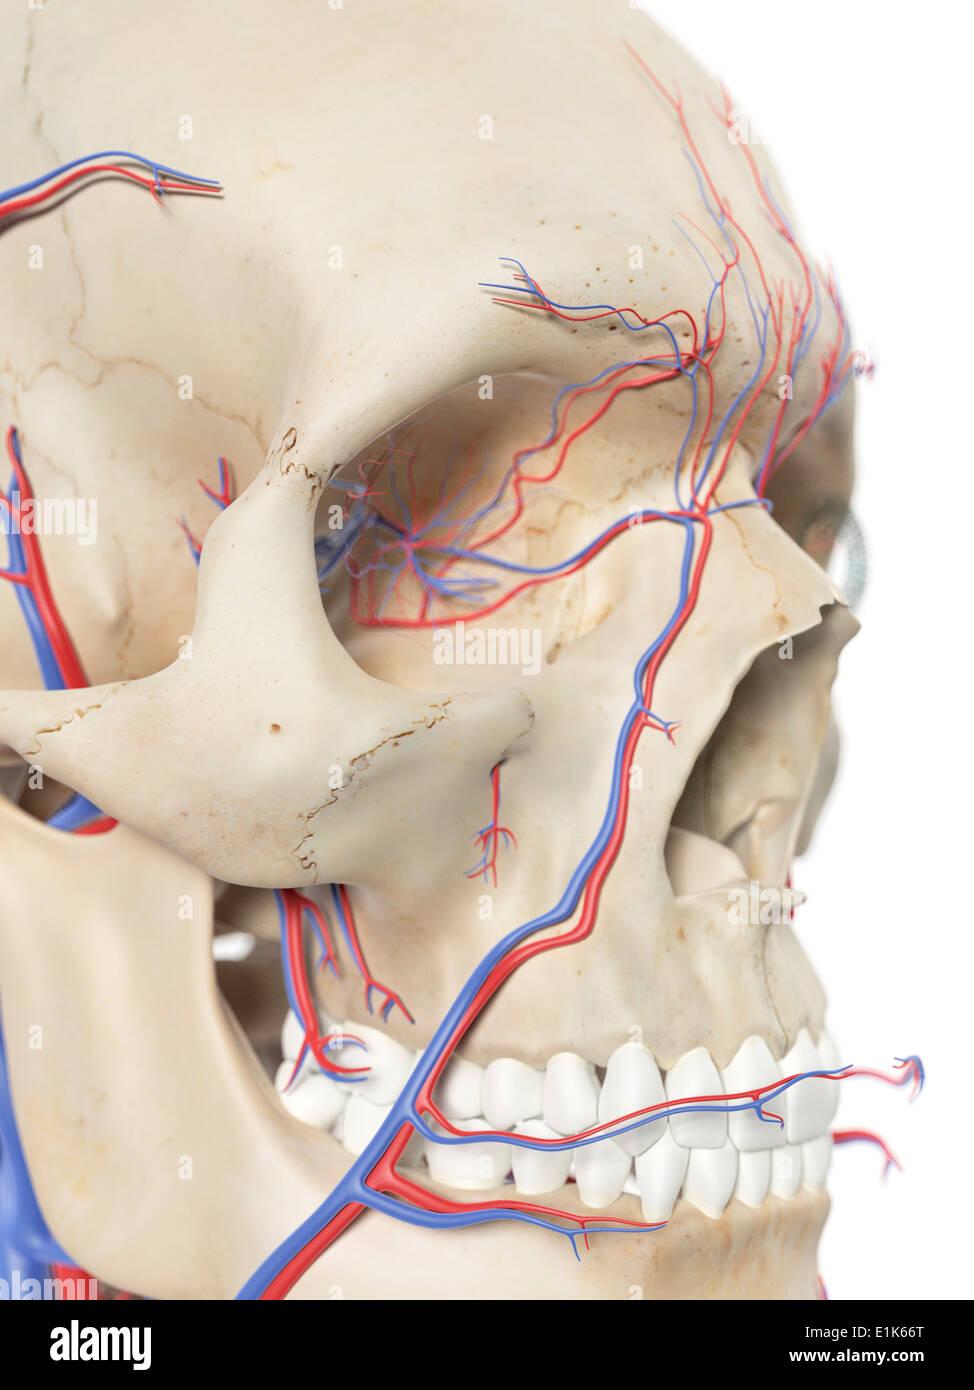 Menschlichen Blutgefäße im Gesicht Computer Artwork Stockfoto, Bild ...